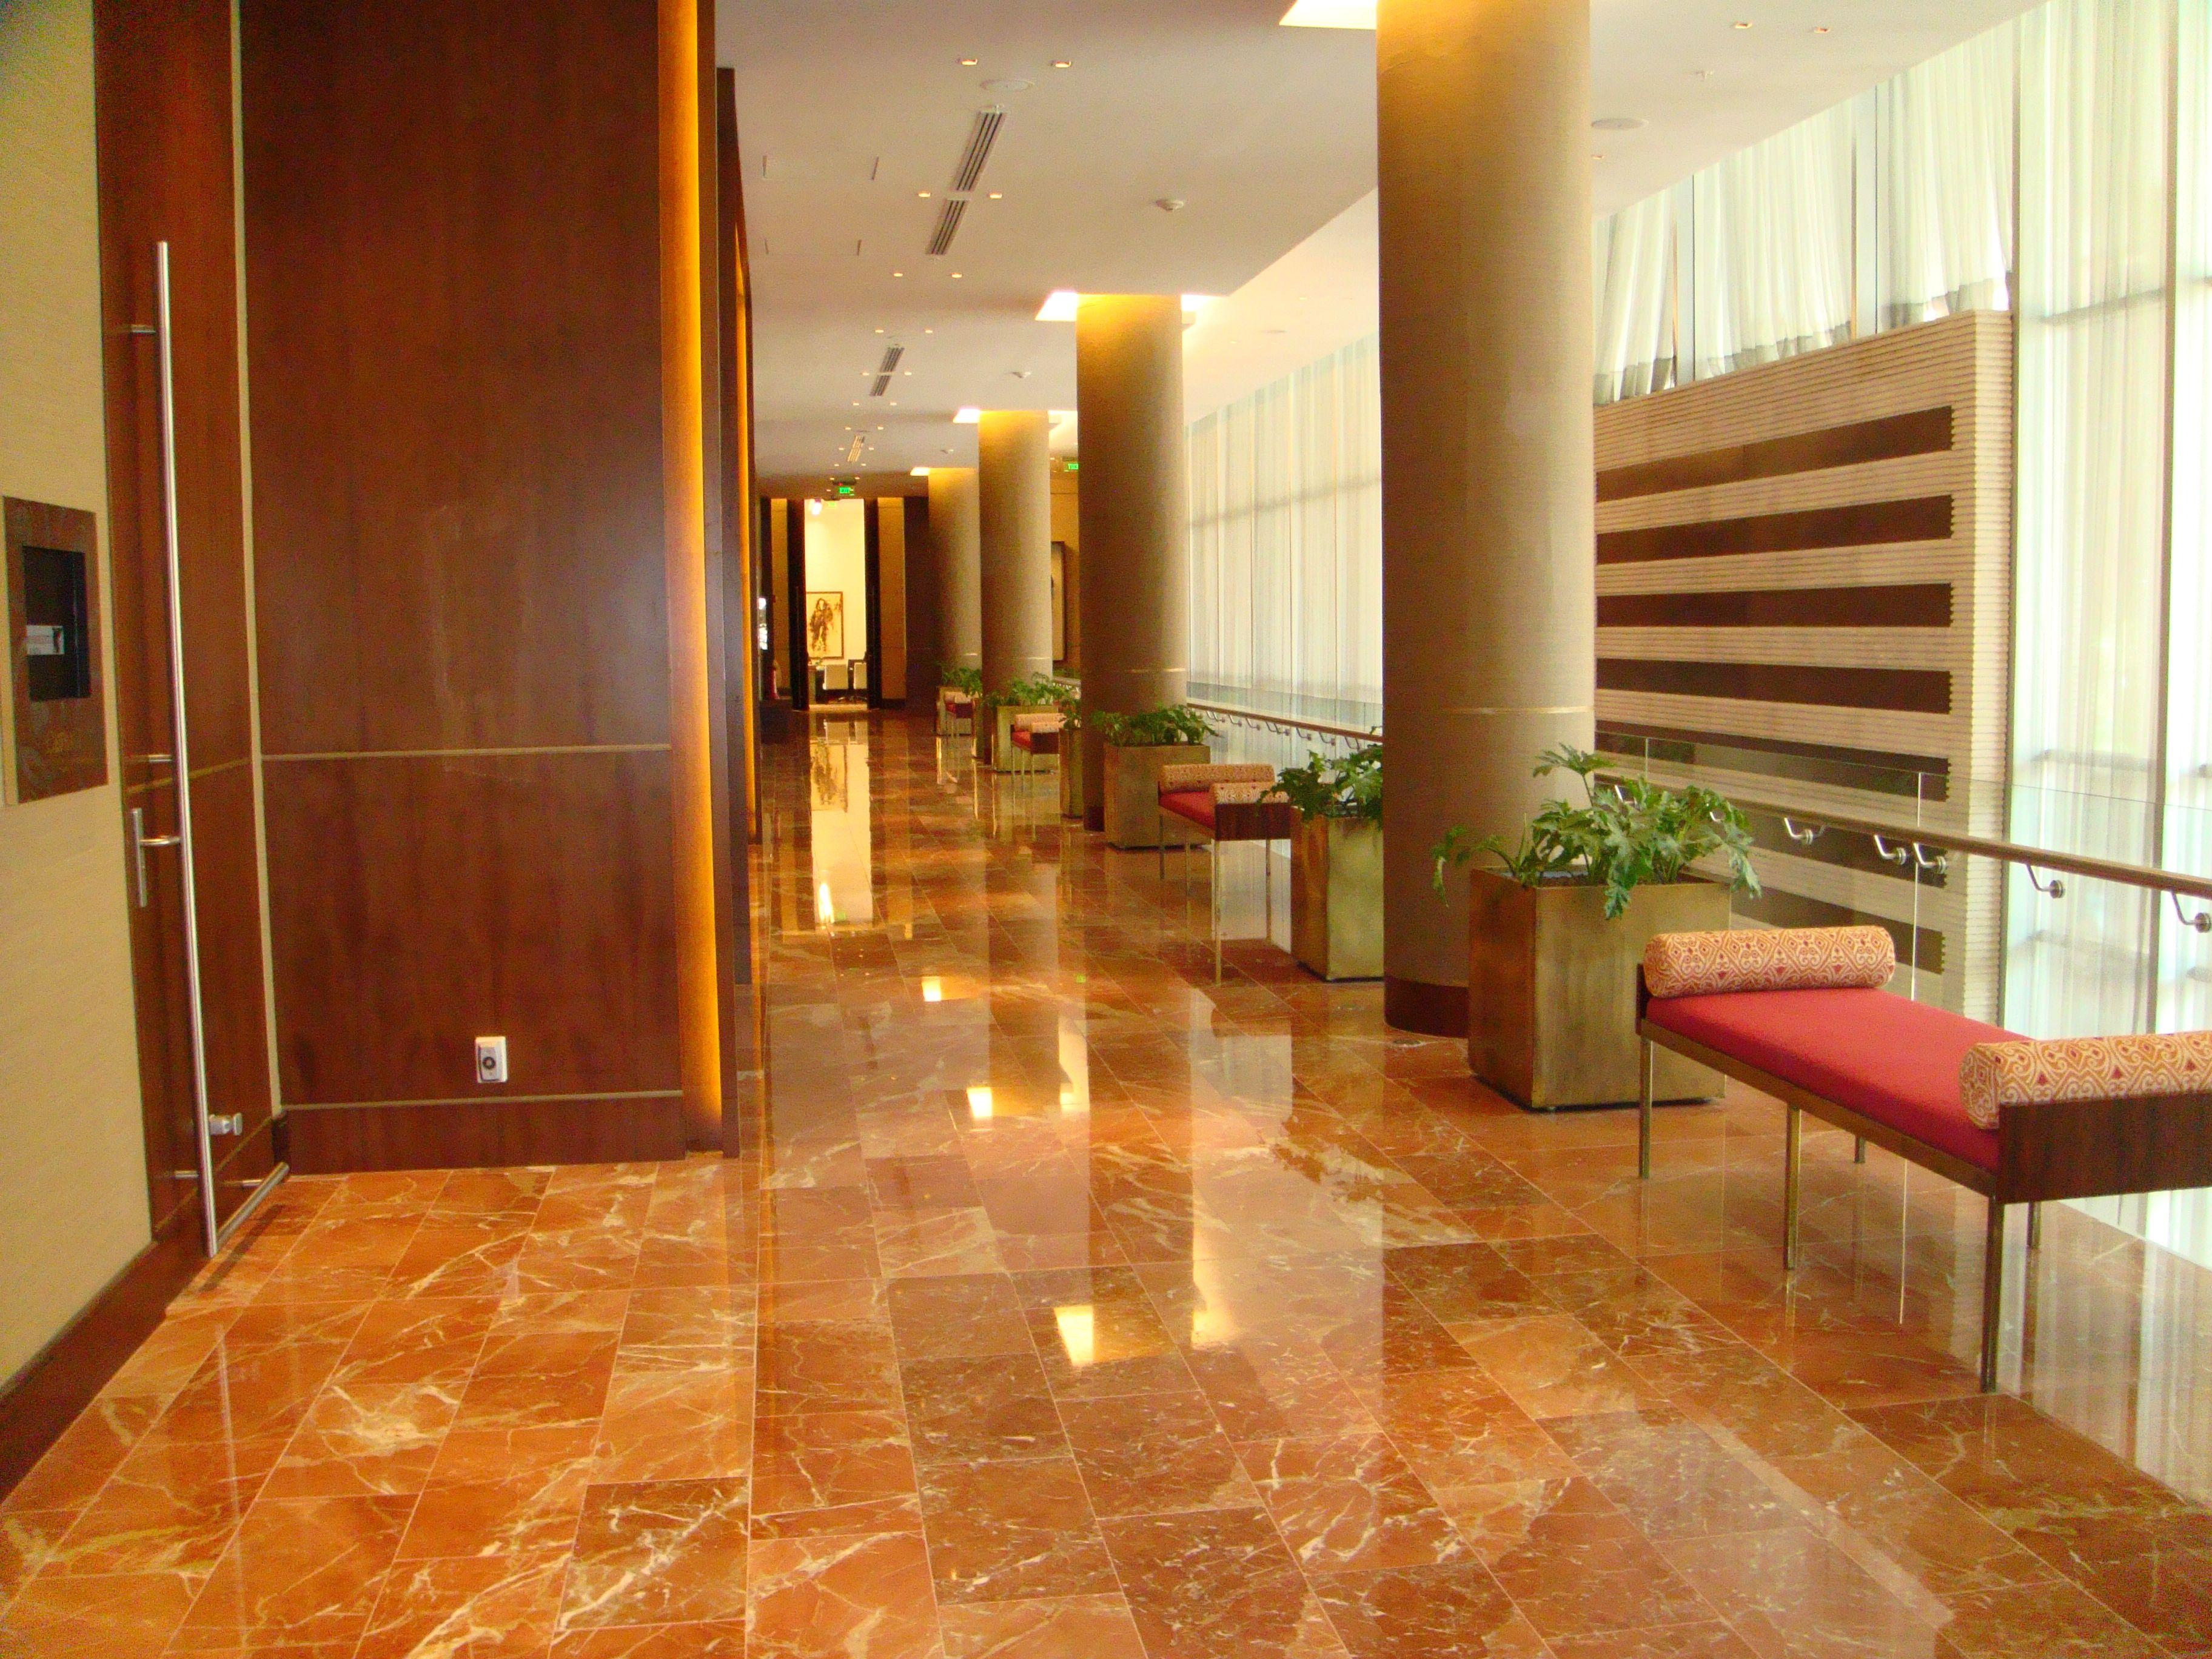 jw marriot bogota pisos en marmol rojo alicante brillado